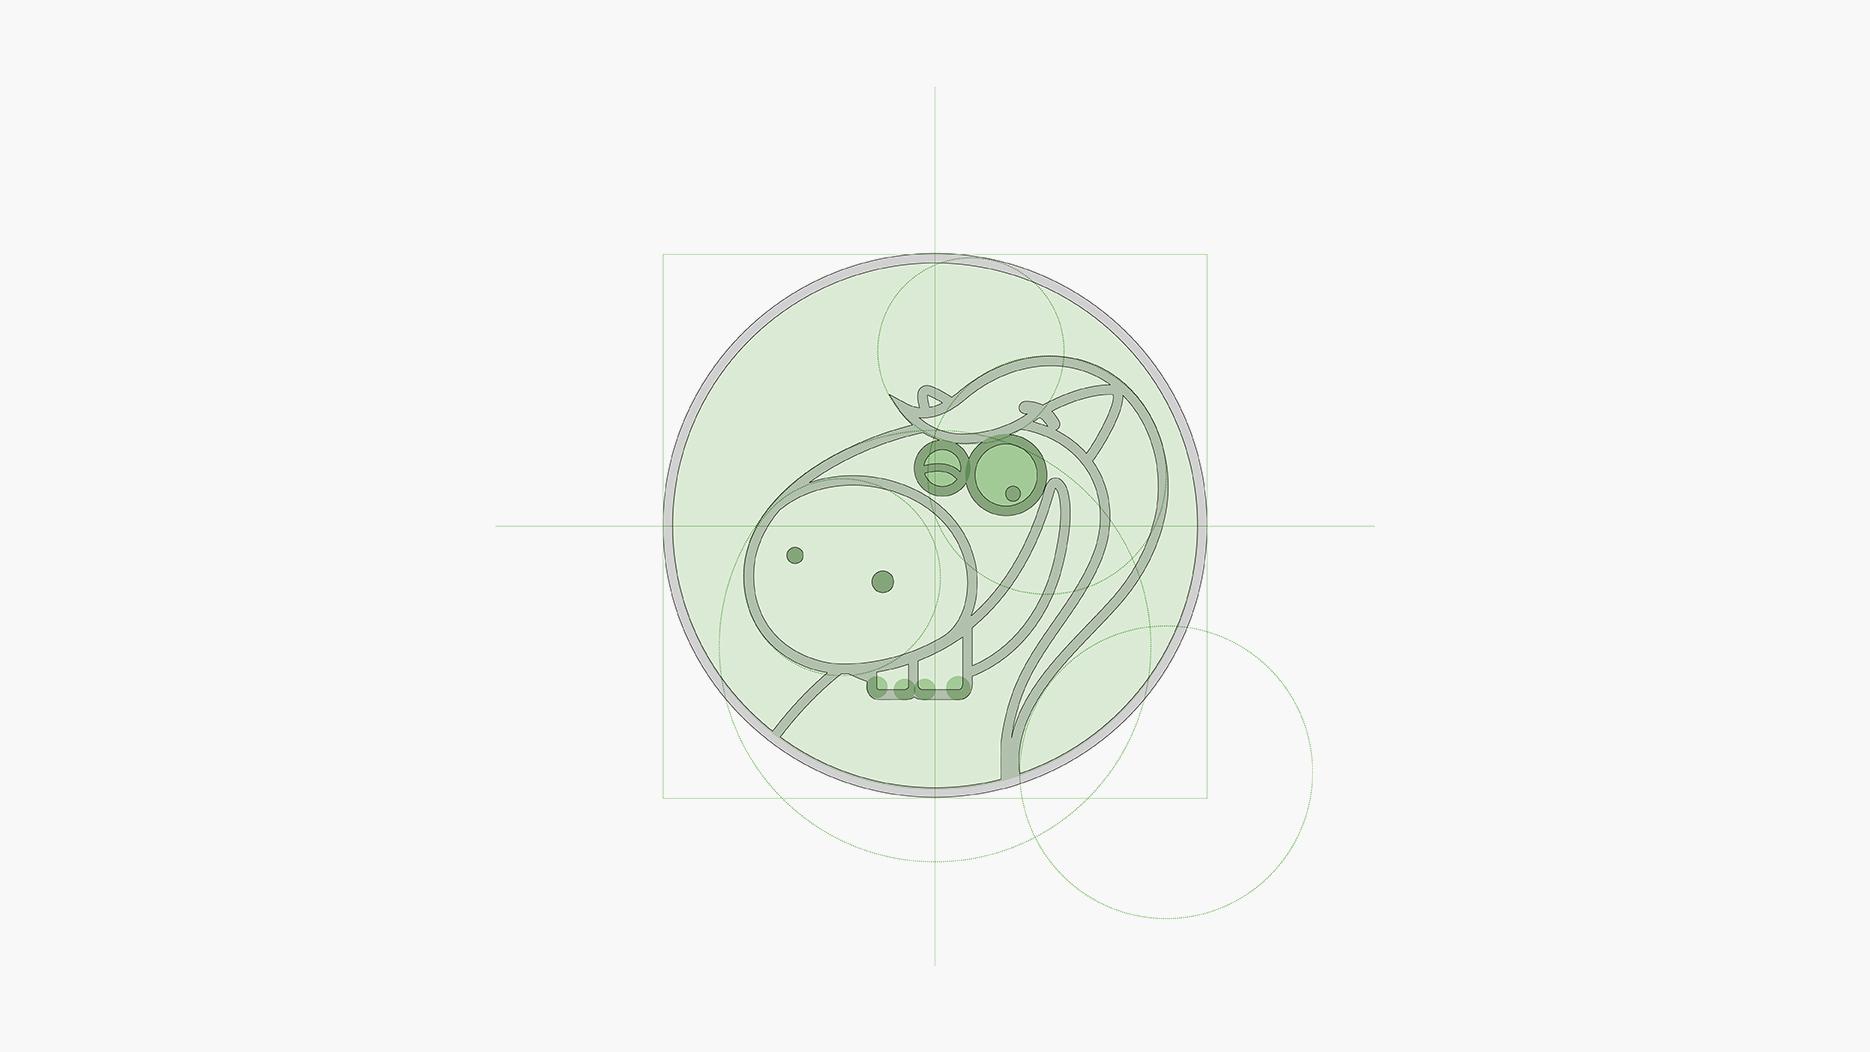 马乐乐品牌创建全案策划:logo设计